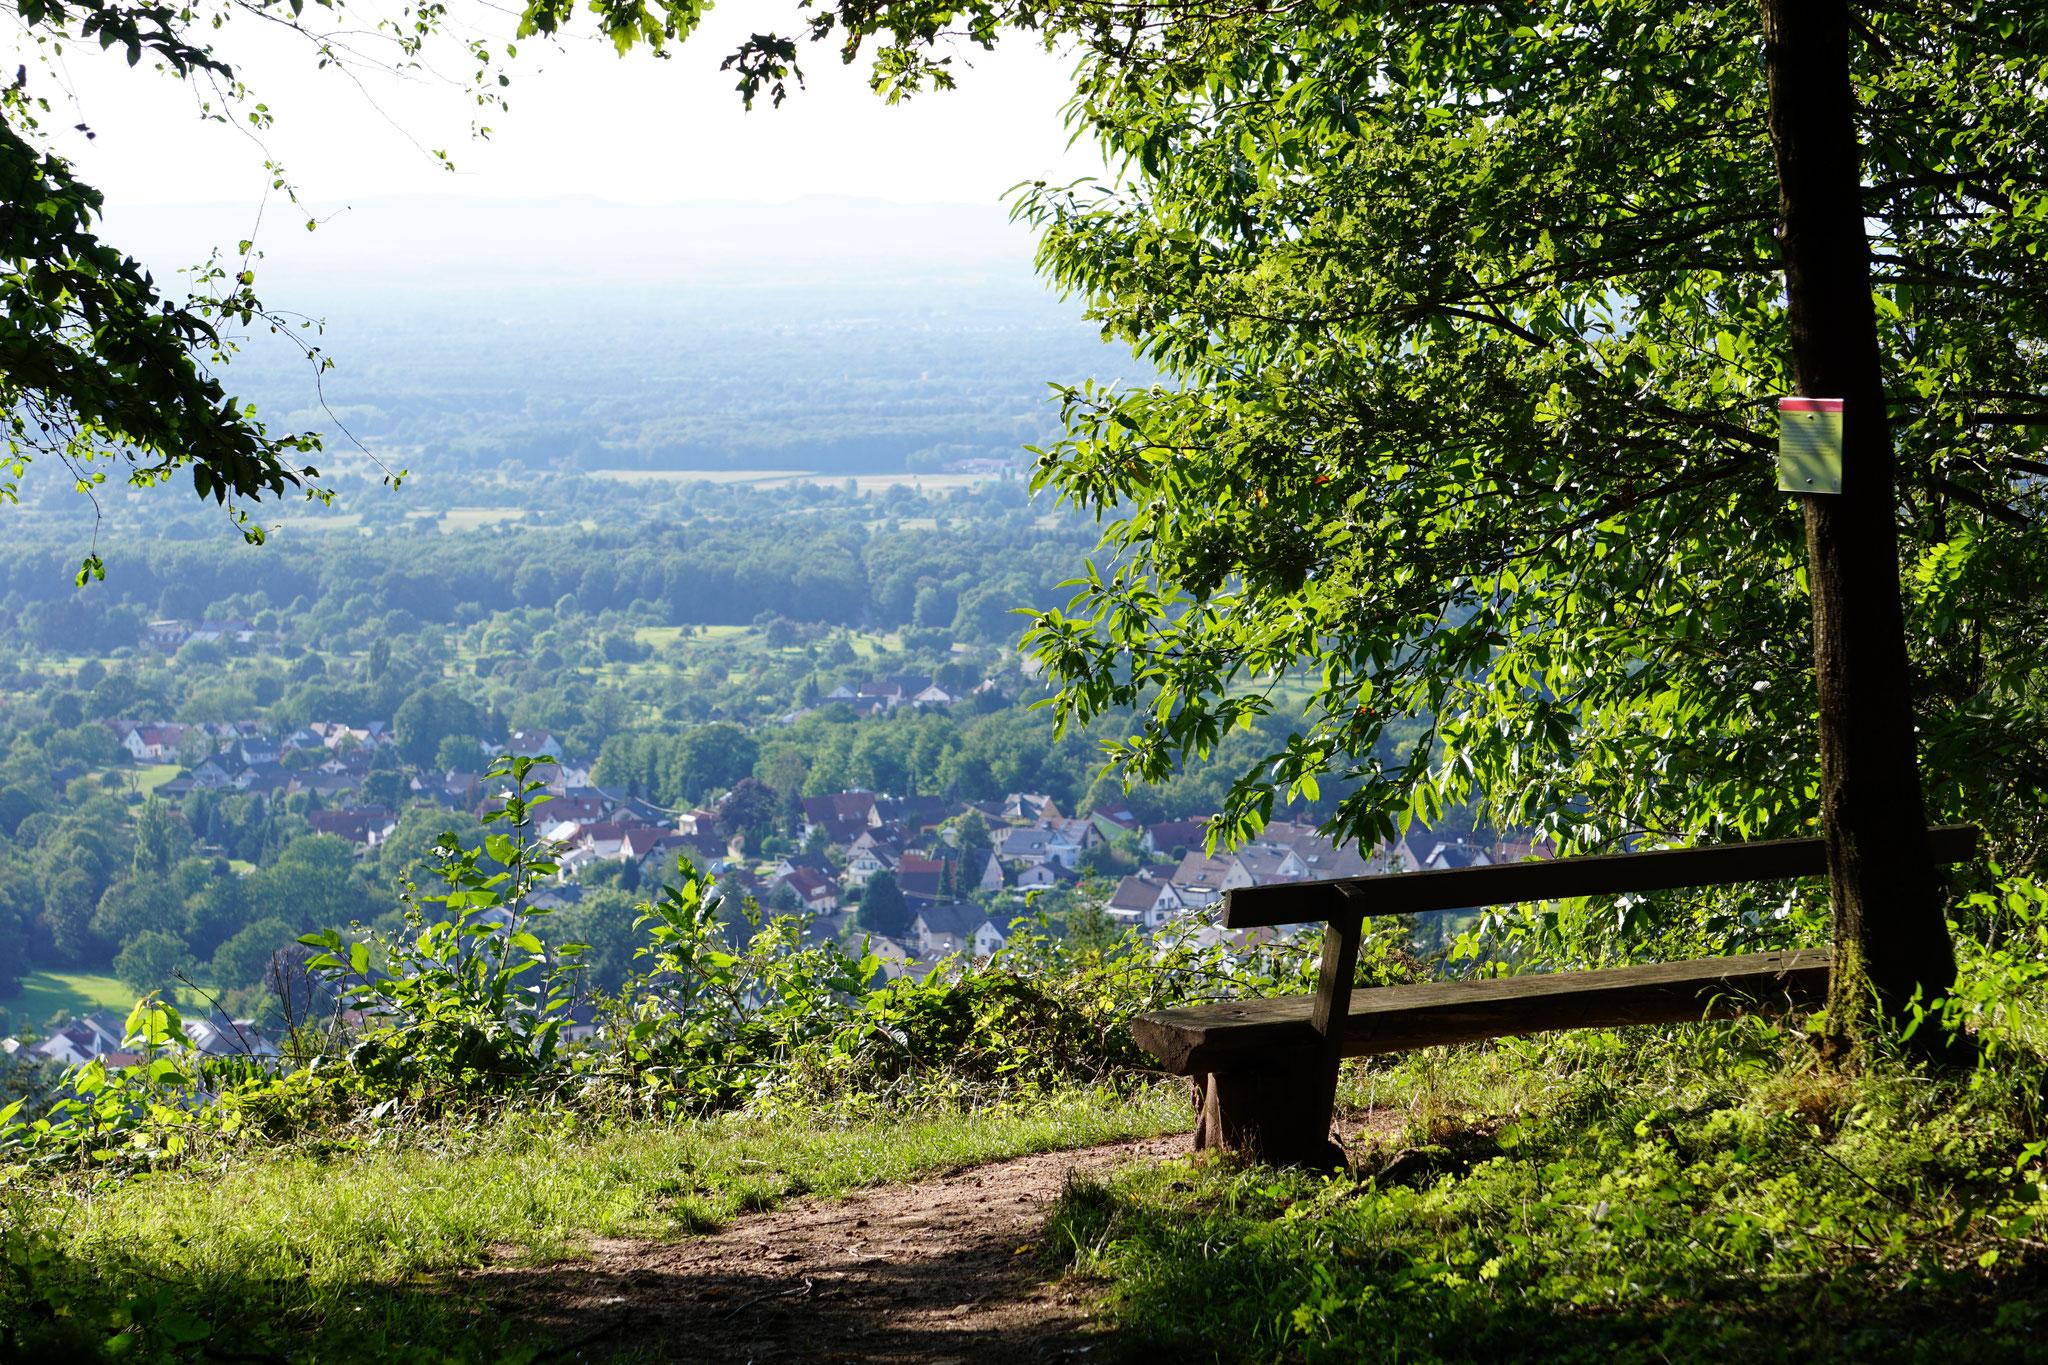 Aussichtspunkt am Eichelberg bei Winkel